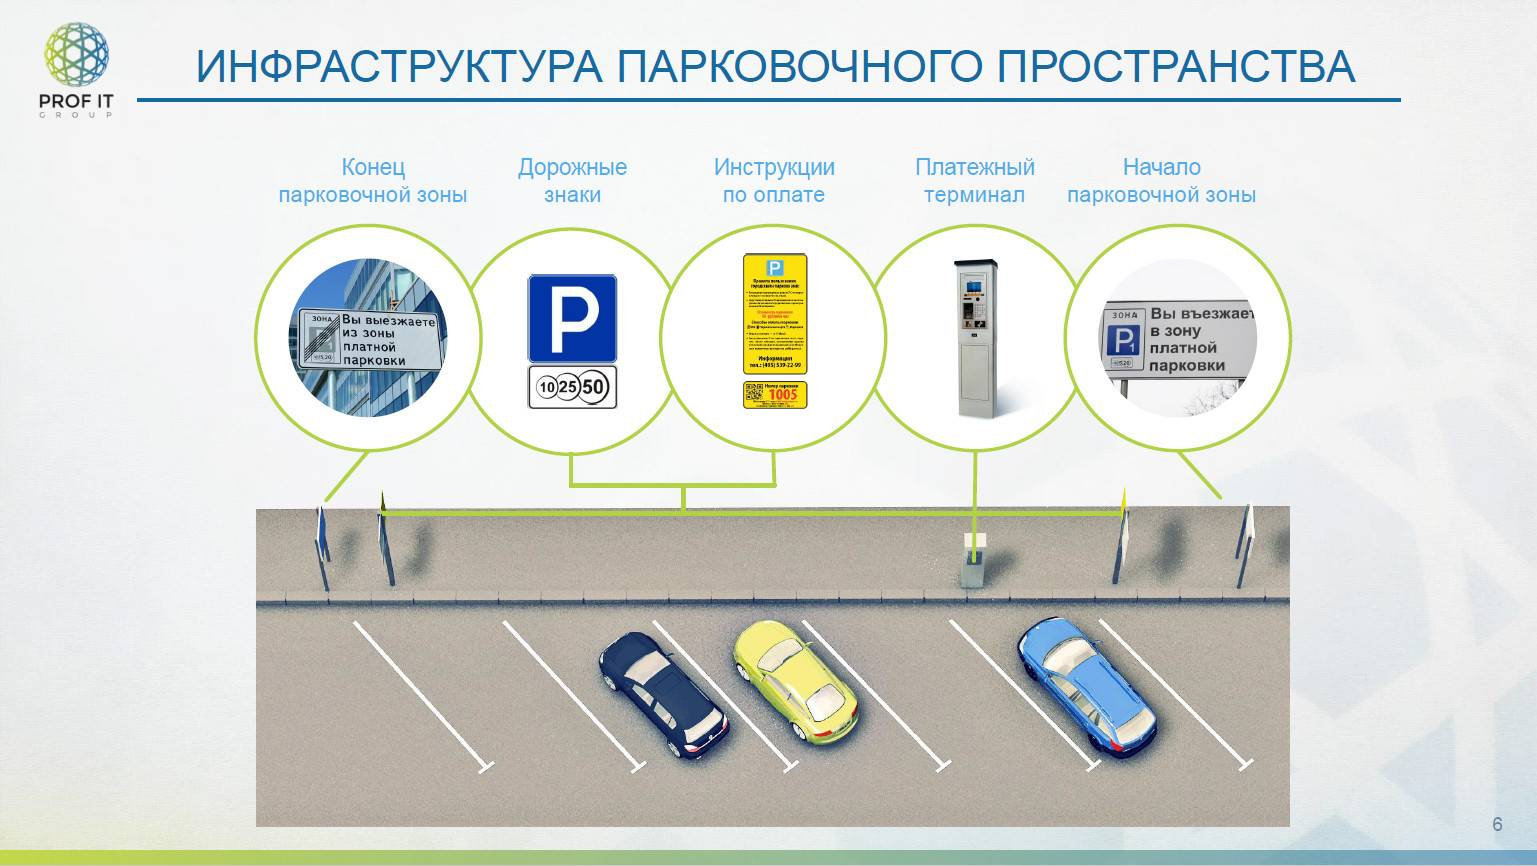 Особенности знака «платной парковки»